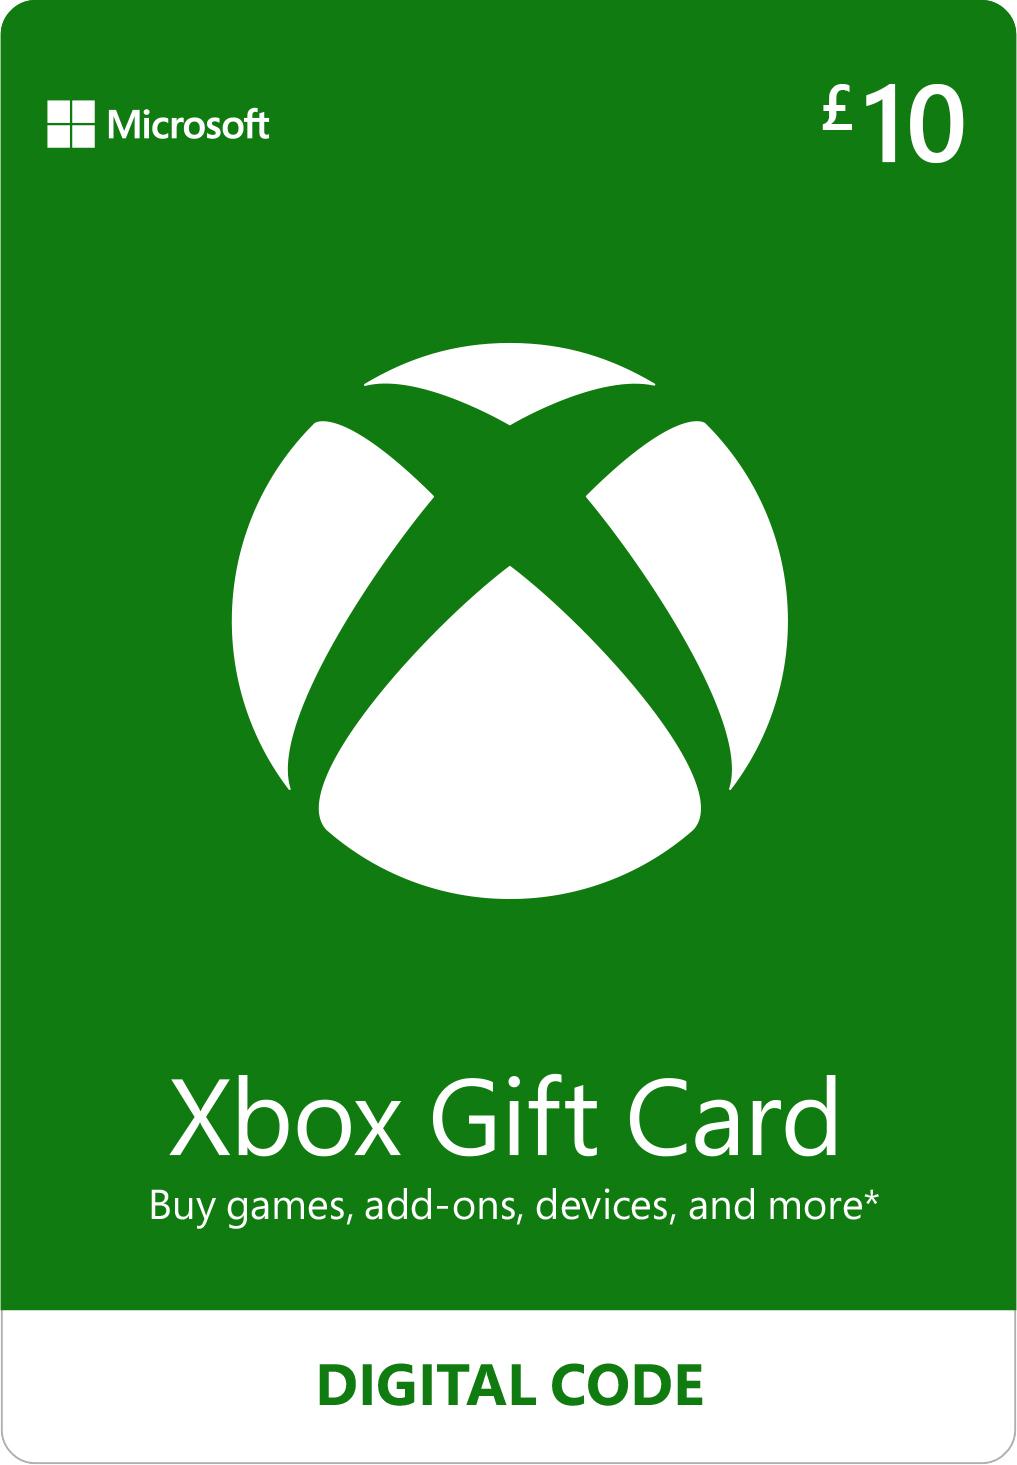 Xbox_Gift_Card_EN-UK_Digital_Code_RGB_10GBP.jpg